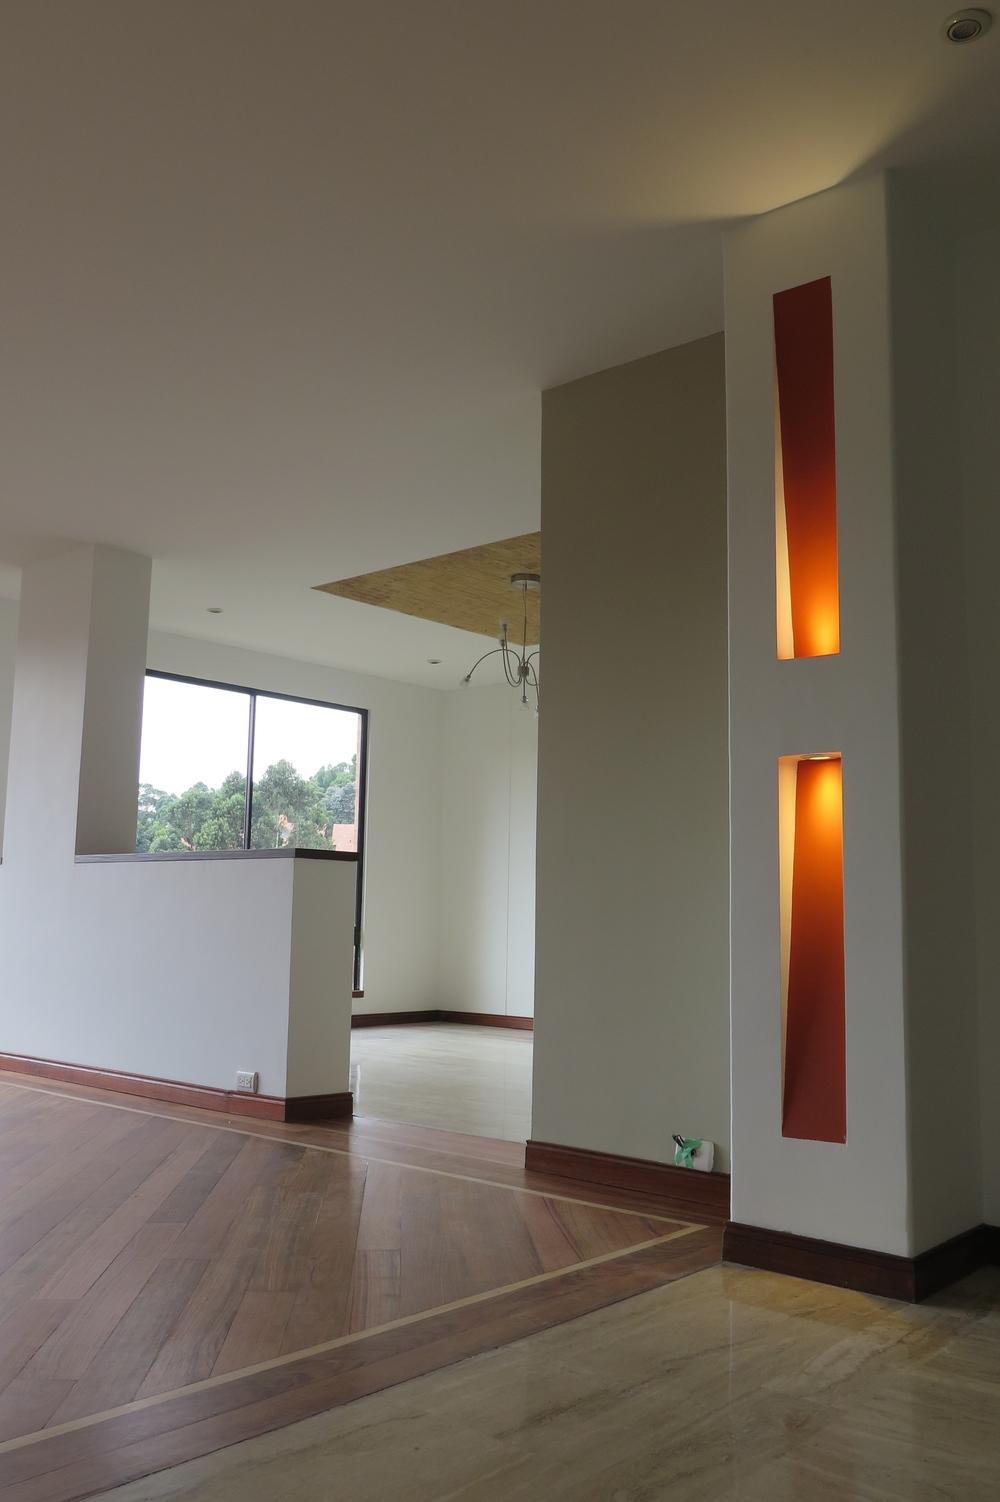 Interior vivienda artimetrikazapata3d for Vivienda interior